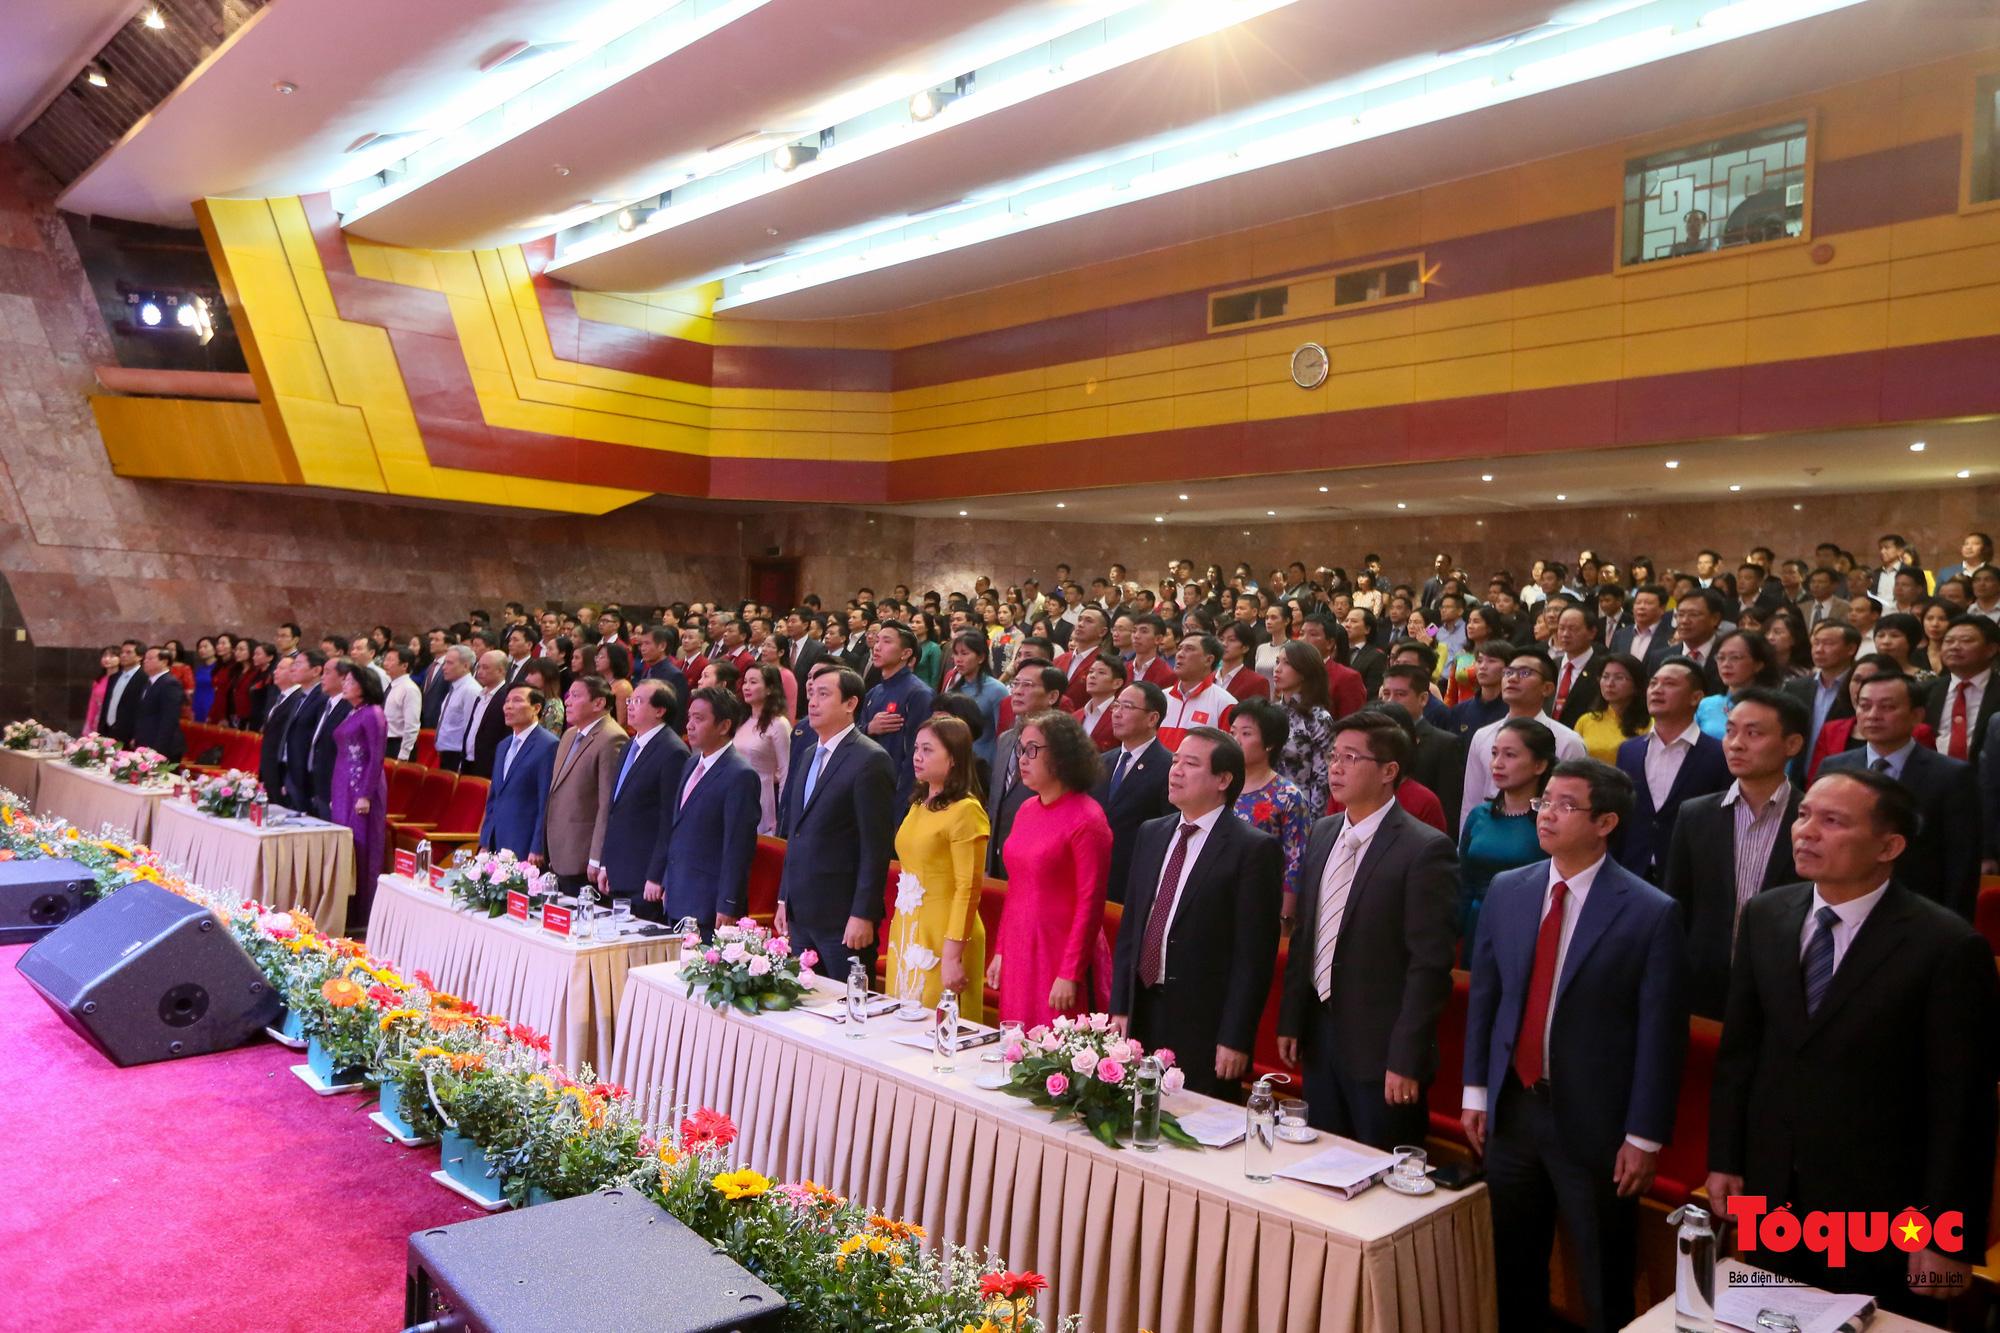 Chùm ảnh: Đại hội Thi đua yêu nước Bộ Văn hóa, Thể thao và Du lịch - Ảnh 2.